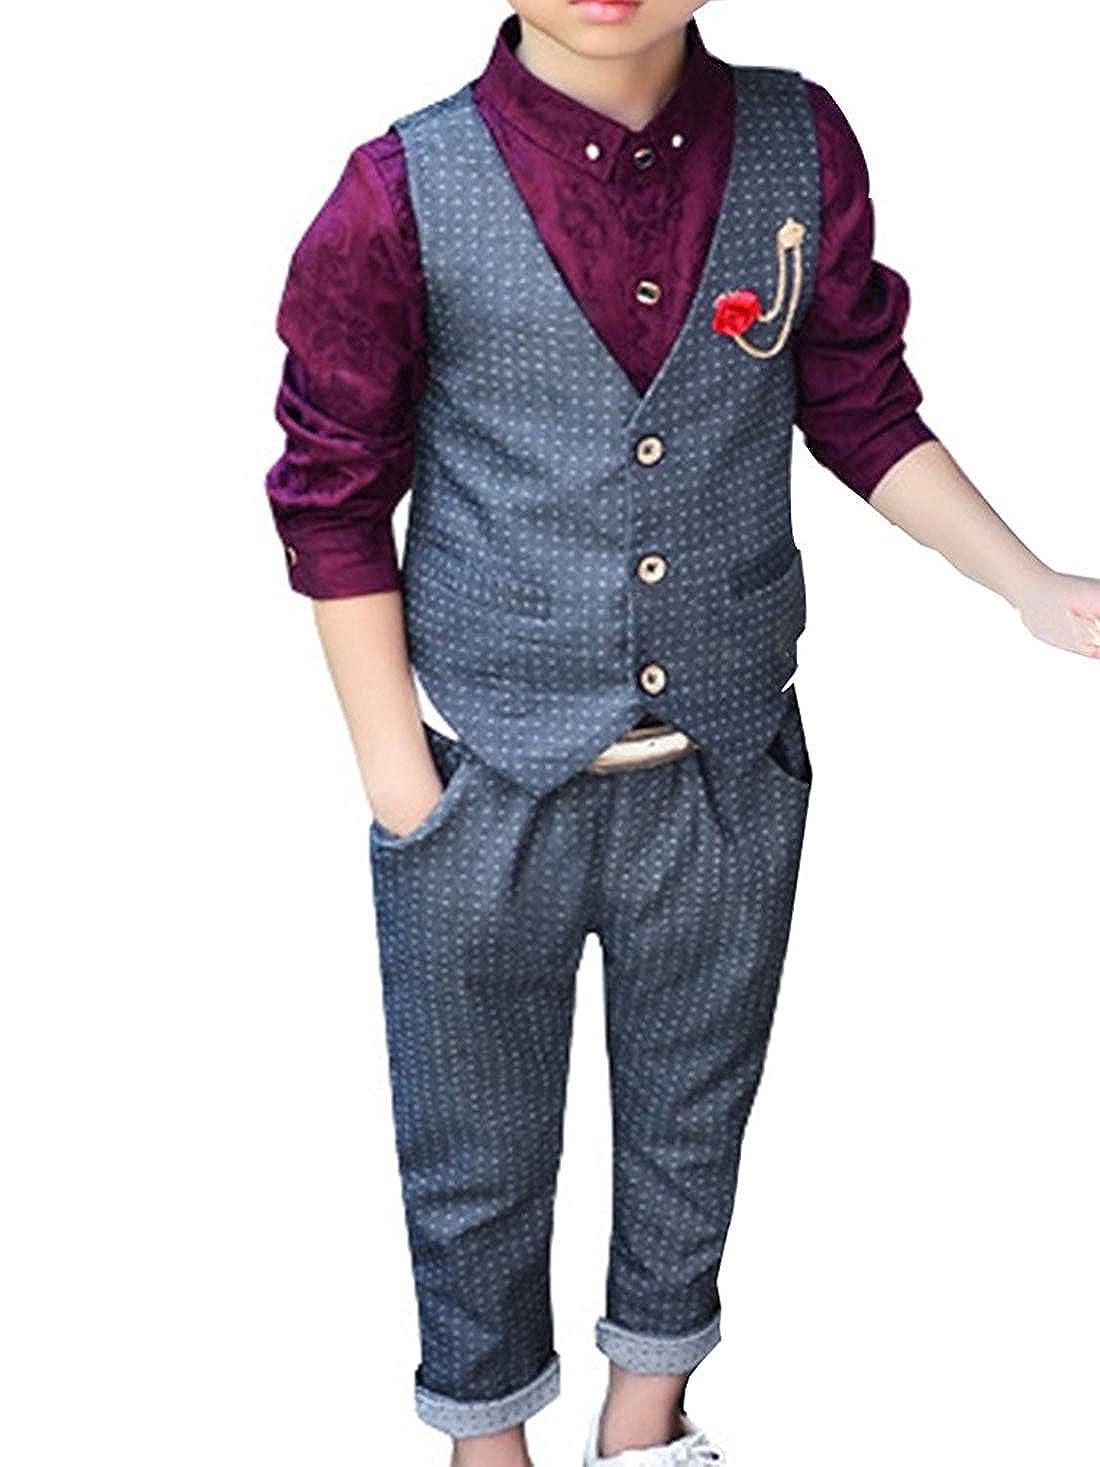 Quge Vestito Abito Completo Bambini Ragazzo Gliet Pantaloni Vestitino Completino Elegante